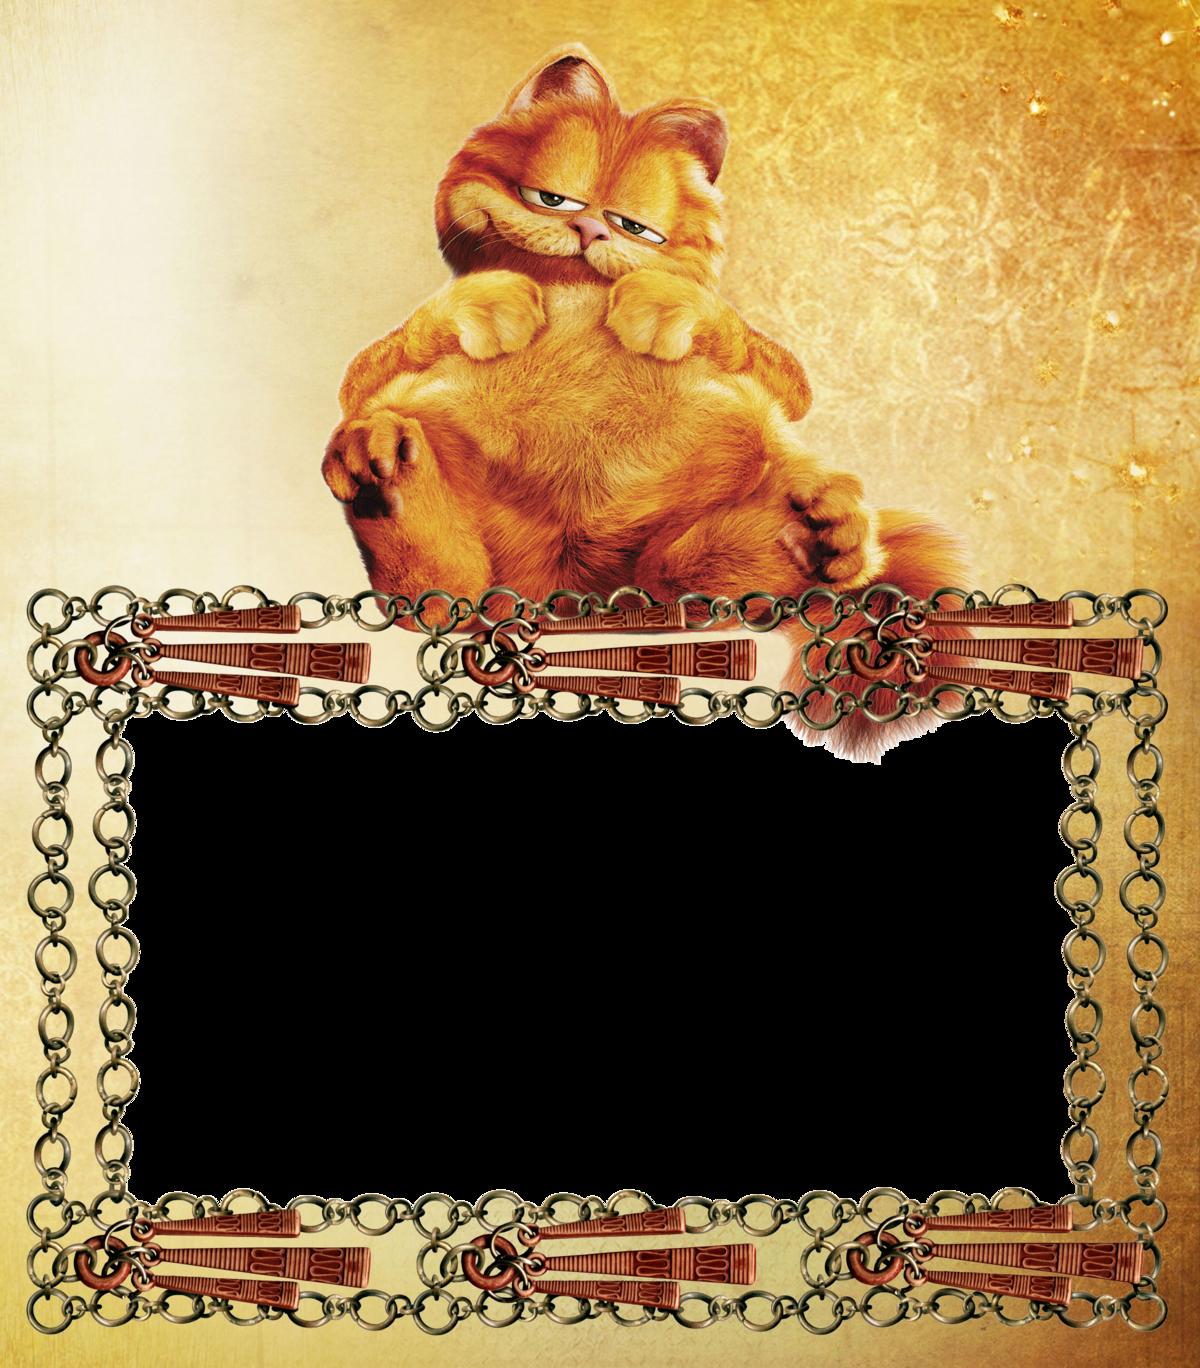 Сделать надпись, прикольный фон для открытки мужчине